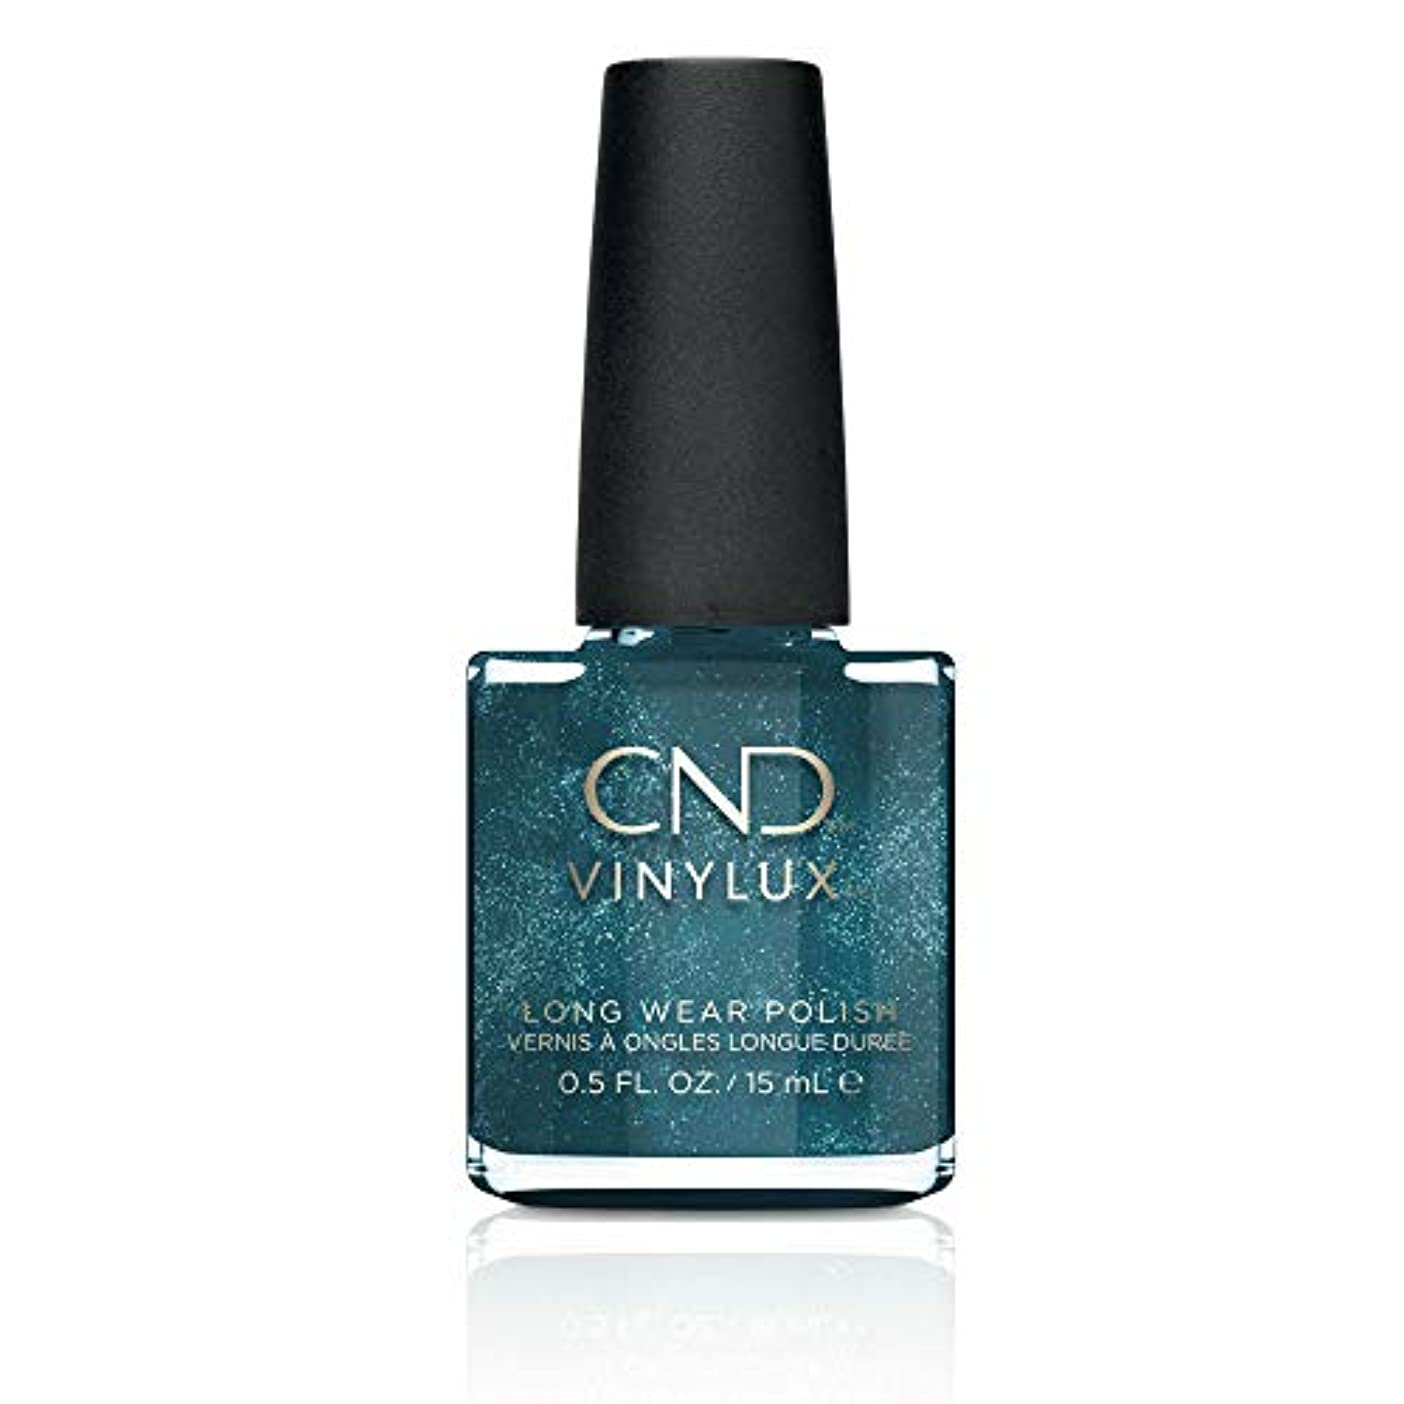 CND Vinylux Nail Polish - Fern Flannel - 0.5oz / 15ml